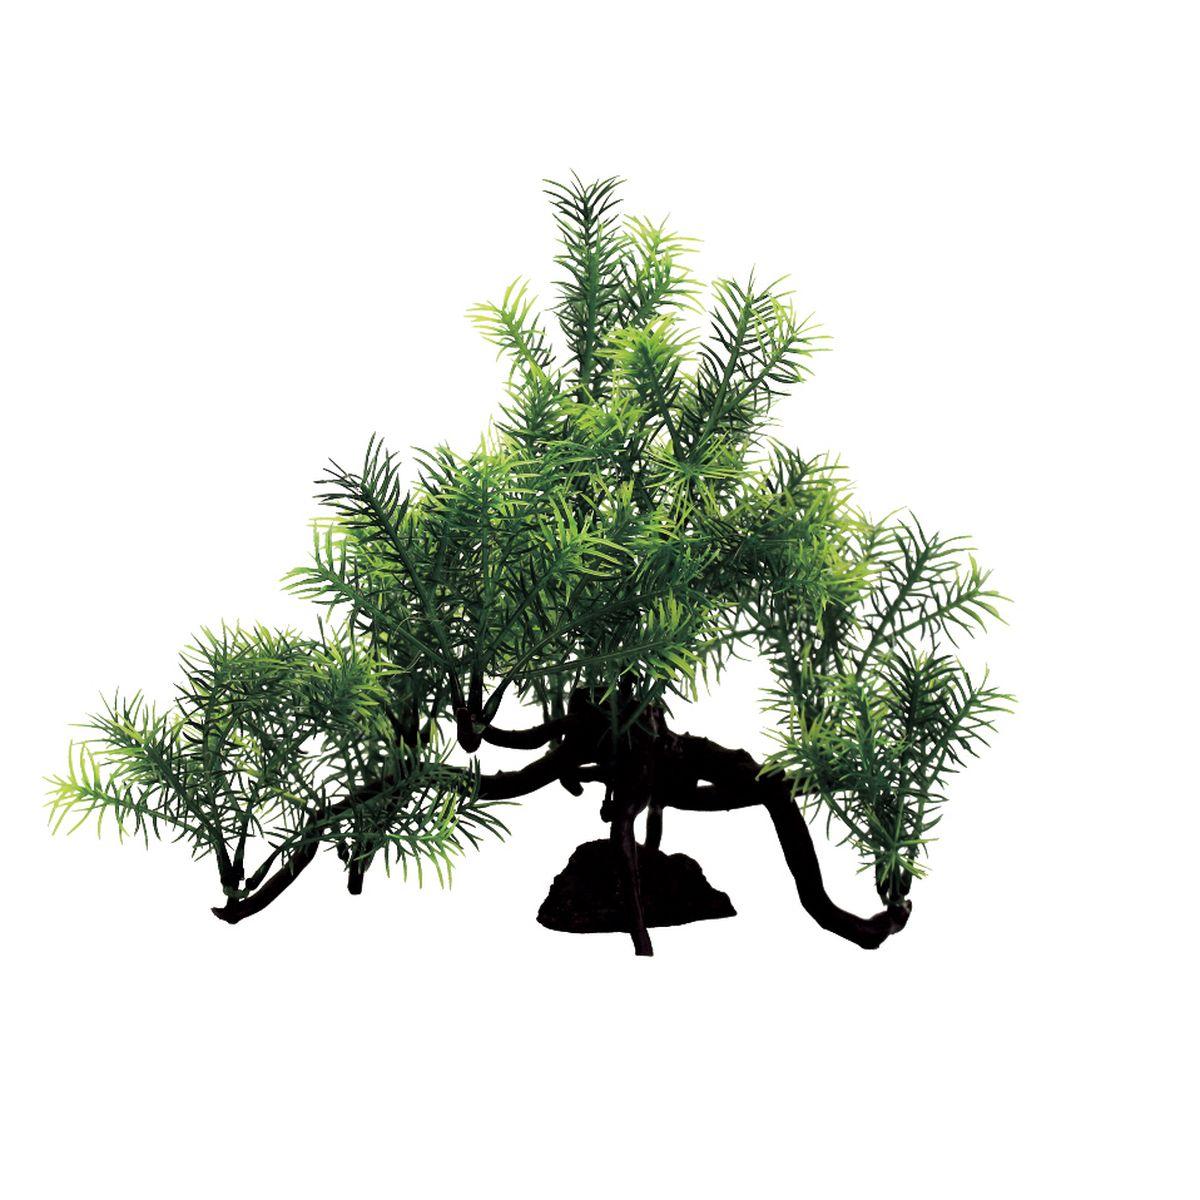 Композиция из растений для аквариума ArtUniq Погостемон Эректус, 35 x 18 x 23 см0120710Композиция из искусственных растений ArtUniq превосходно украсит и оживит аквариум.Растения - это важная часть любой композиции, они помогут вдохнуть жизнь в ландшафт любого аквариума или террариума. Лучше всего это сделают яркие и сочные цвета искусственных растений серии ArtPlants. Композиция является точной копией природного растения.